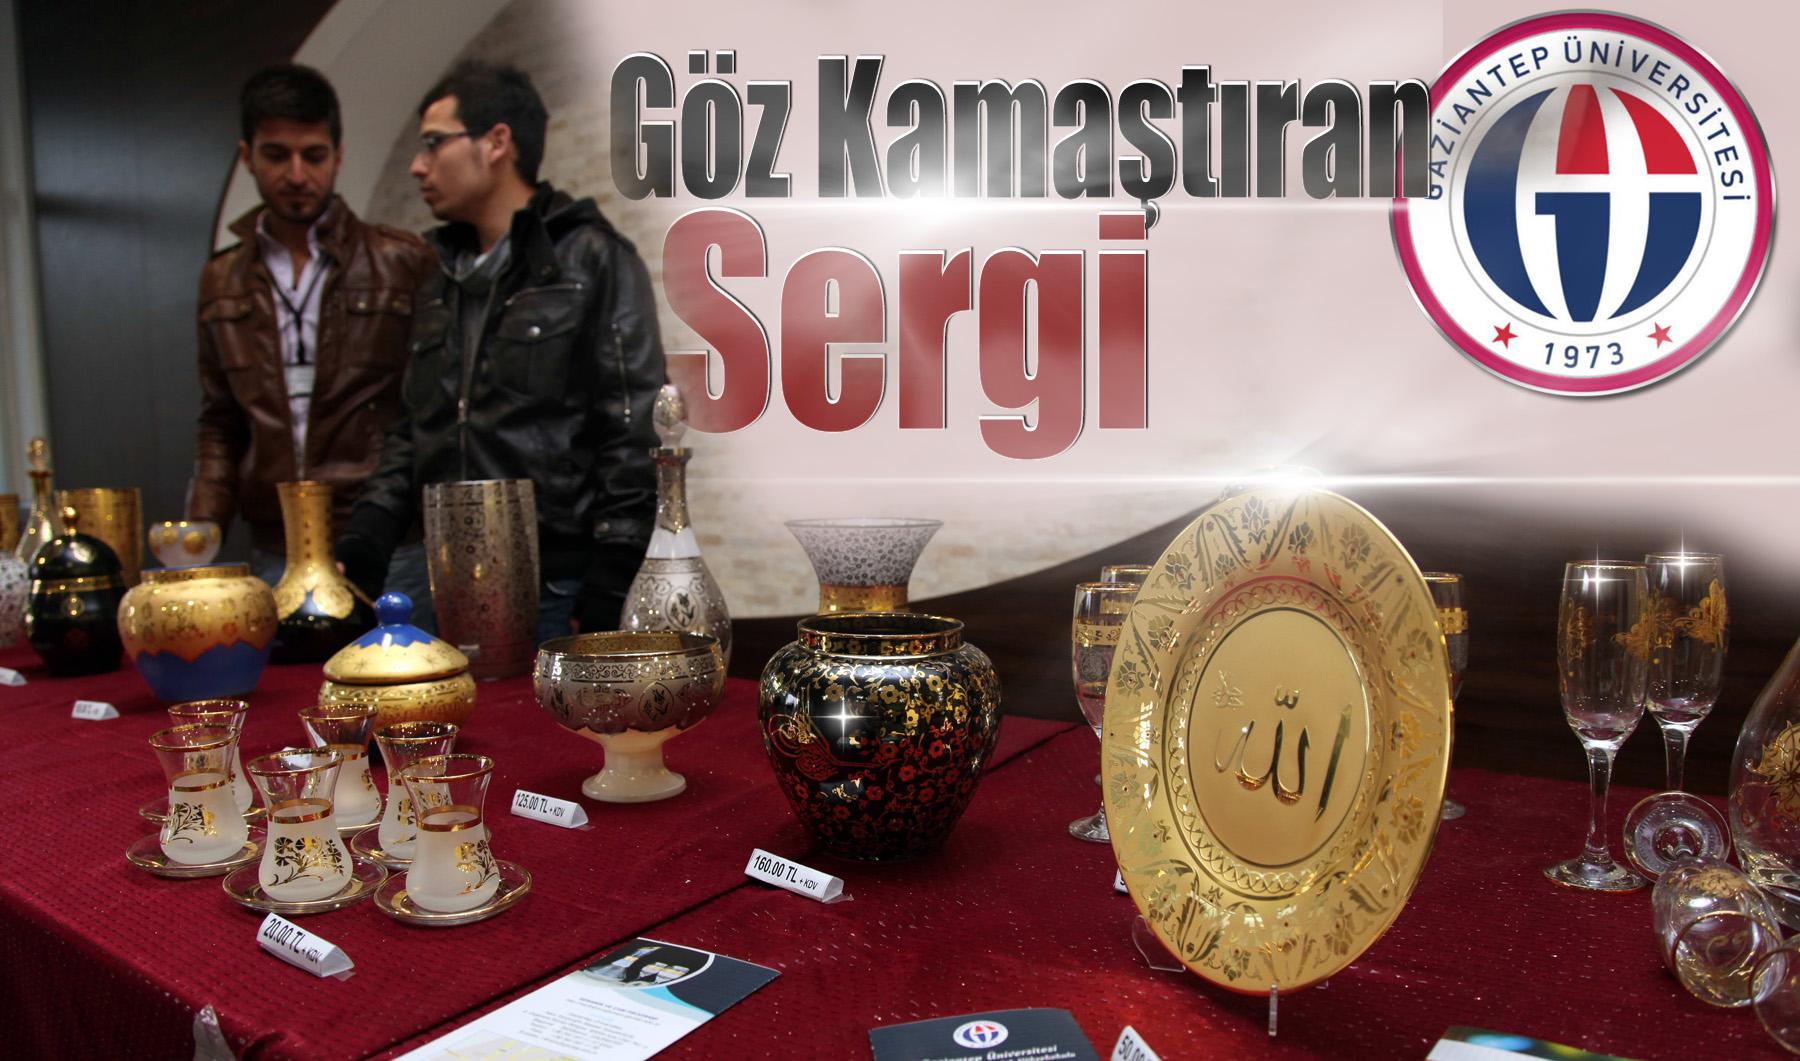 Sergi - G